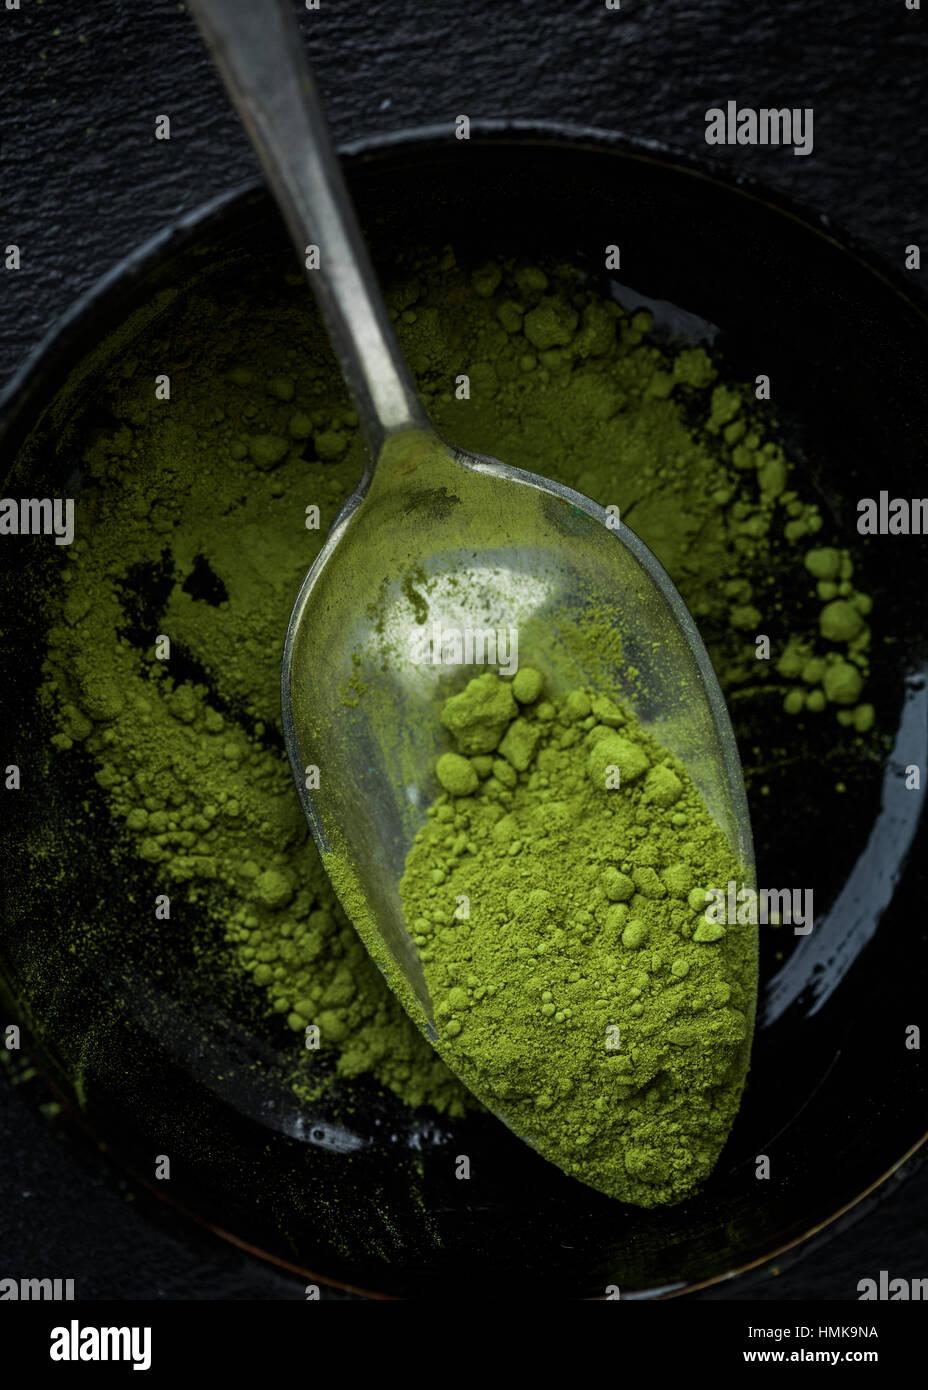 Una taza de té matcha en polvo en una cuchara Foto de stock